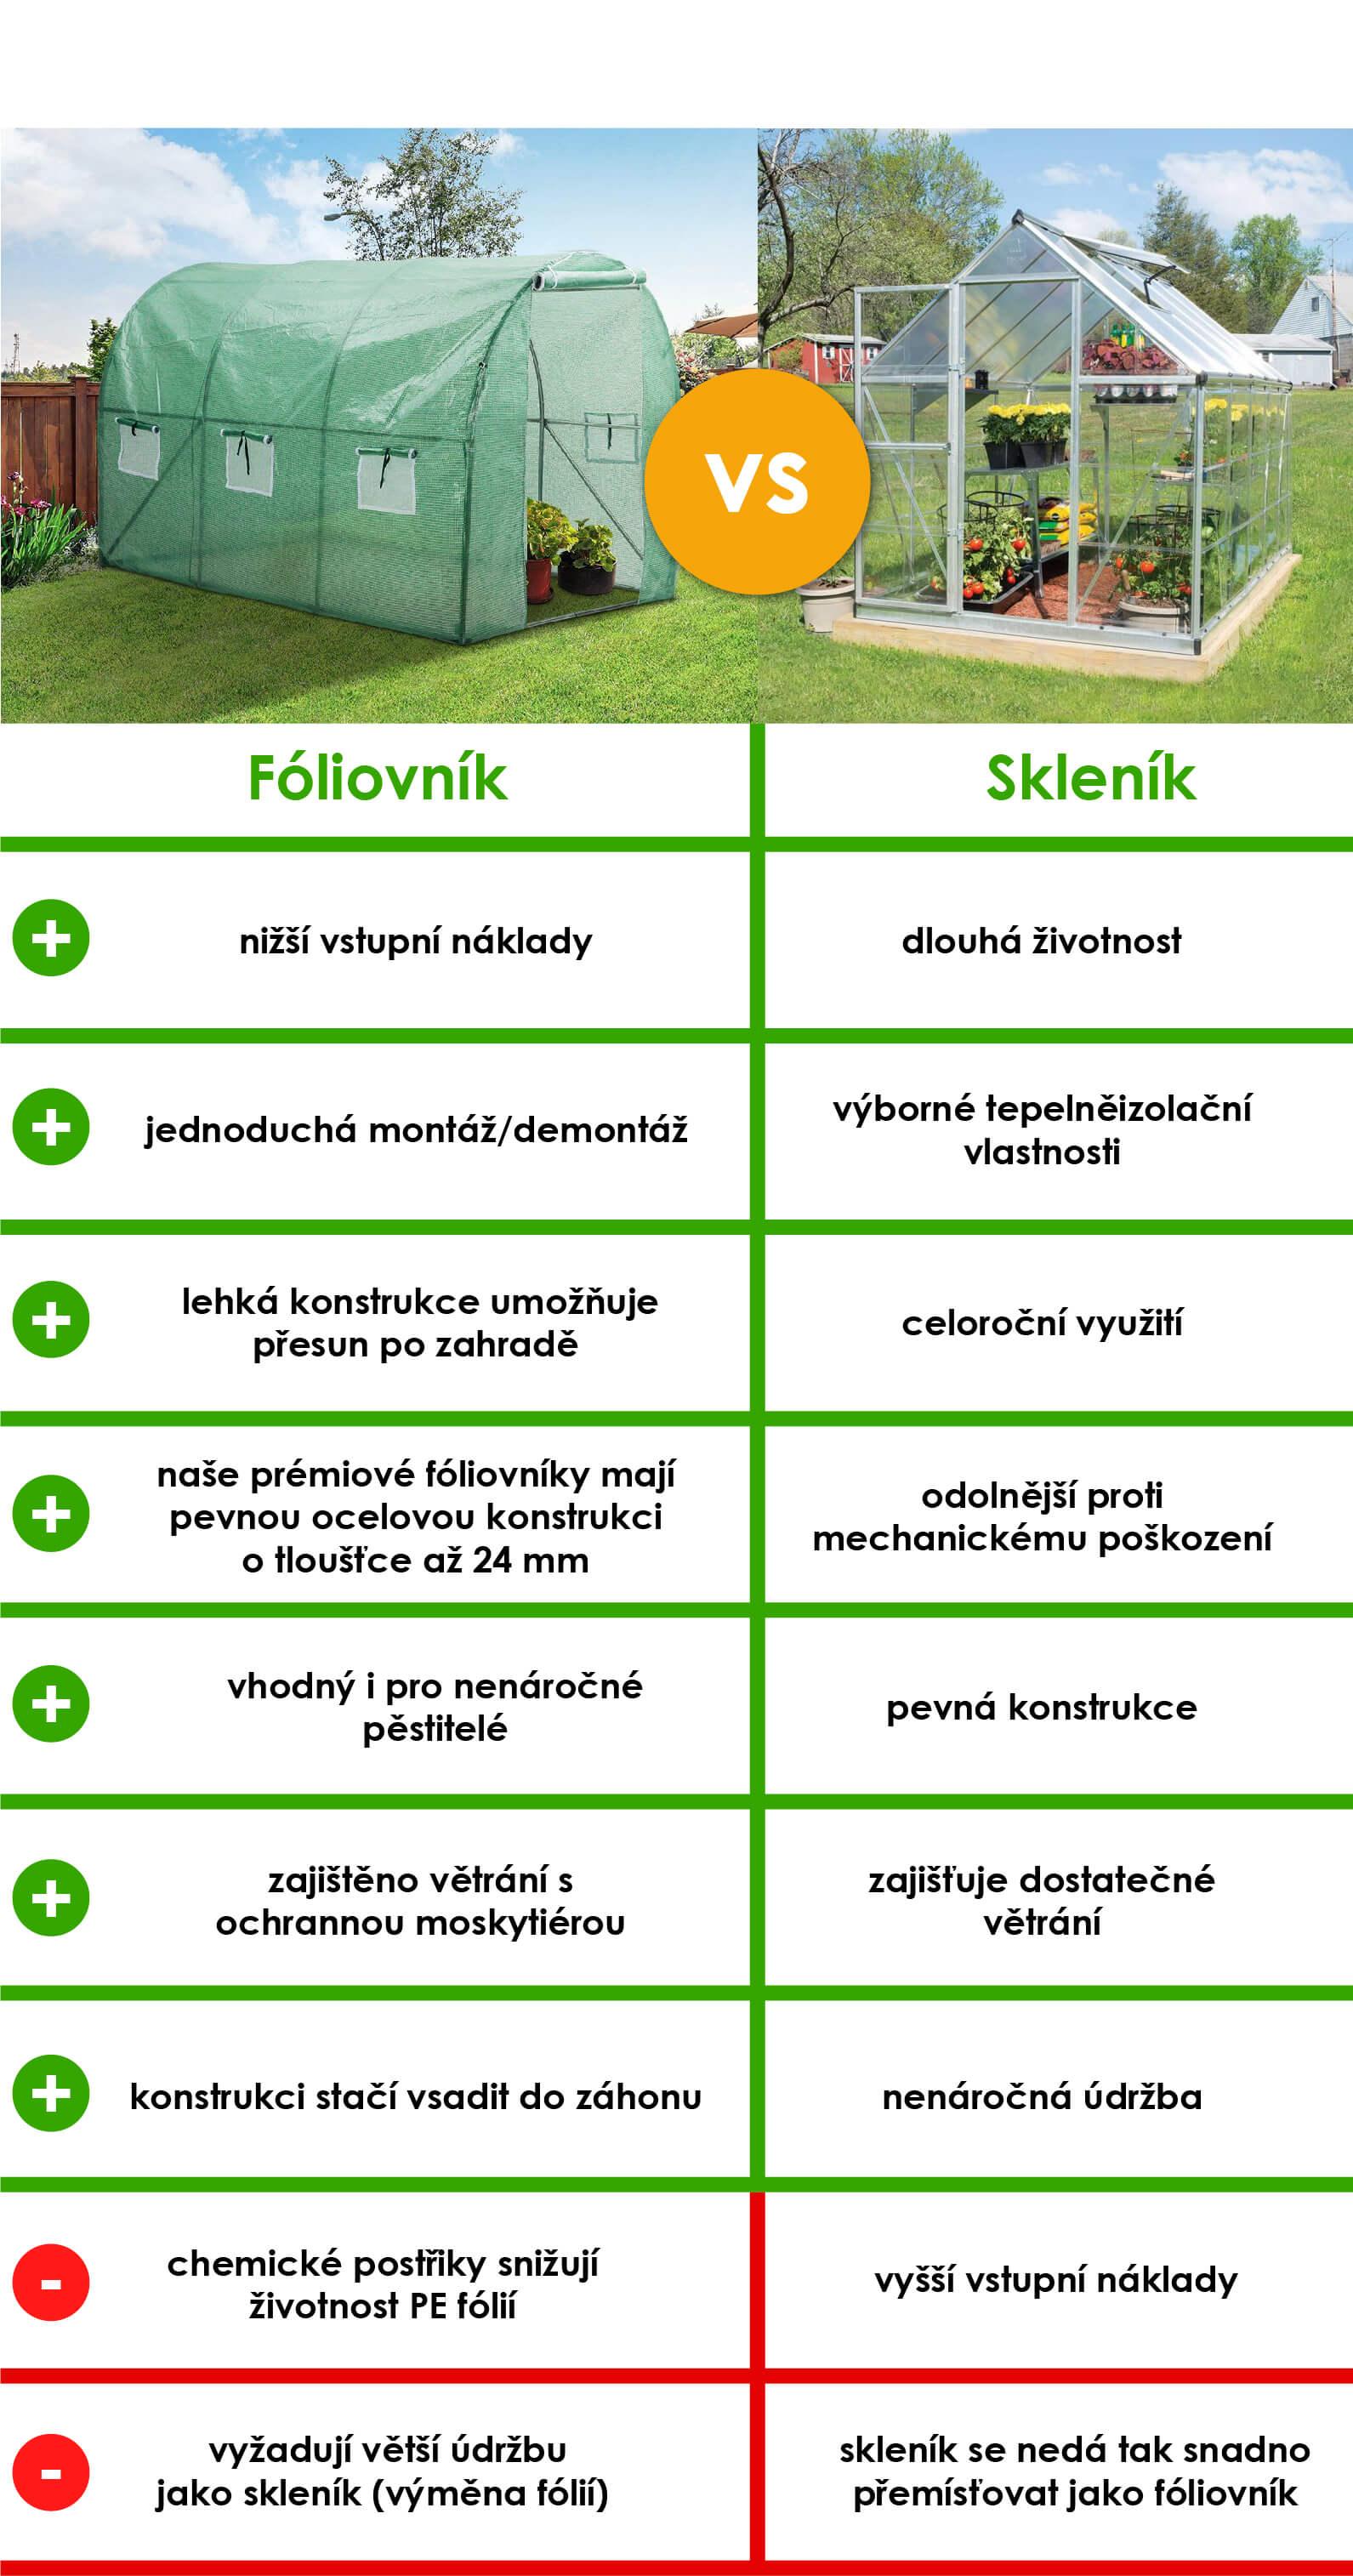 porovnanie_cz